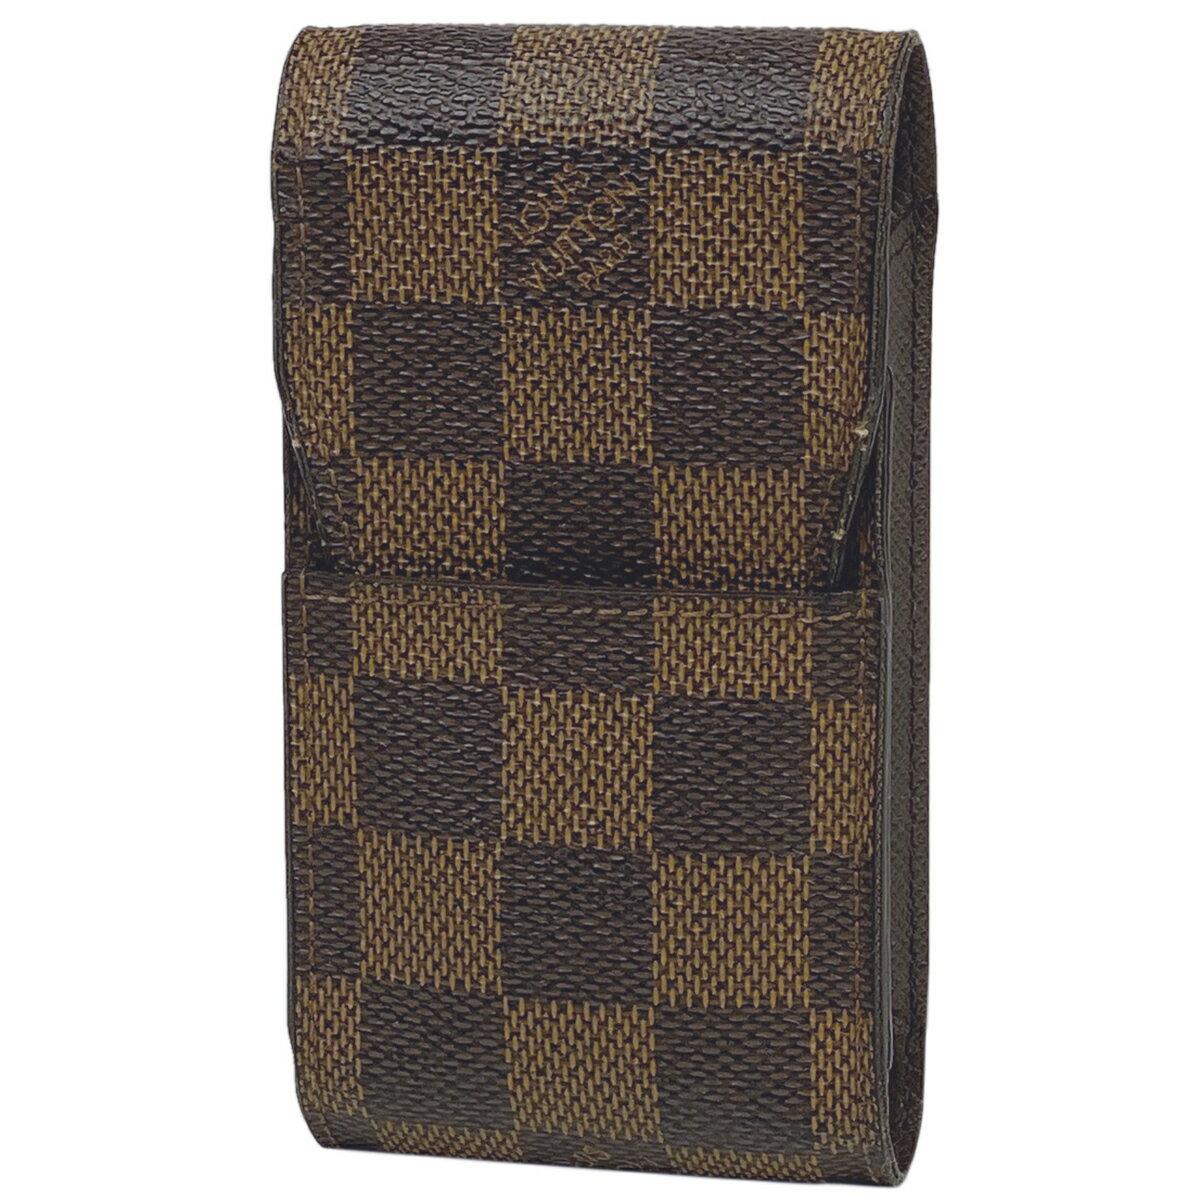 喫煙具, シガレットケース 70OFF!49 20:00-416 1:59 13OFF Louis Vuitton N63024 msp29perb